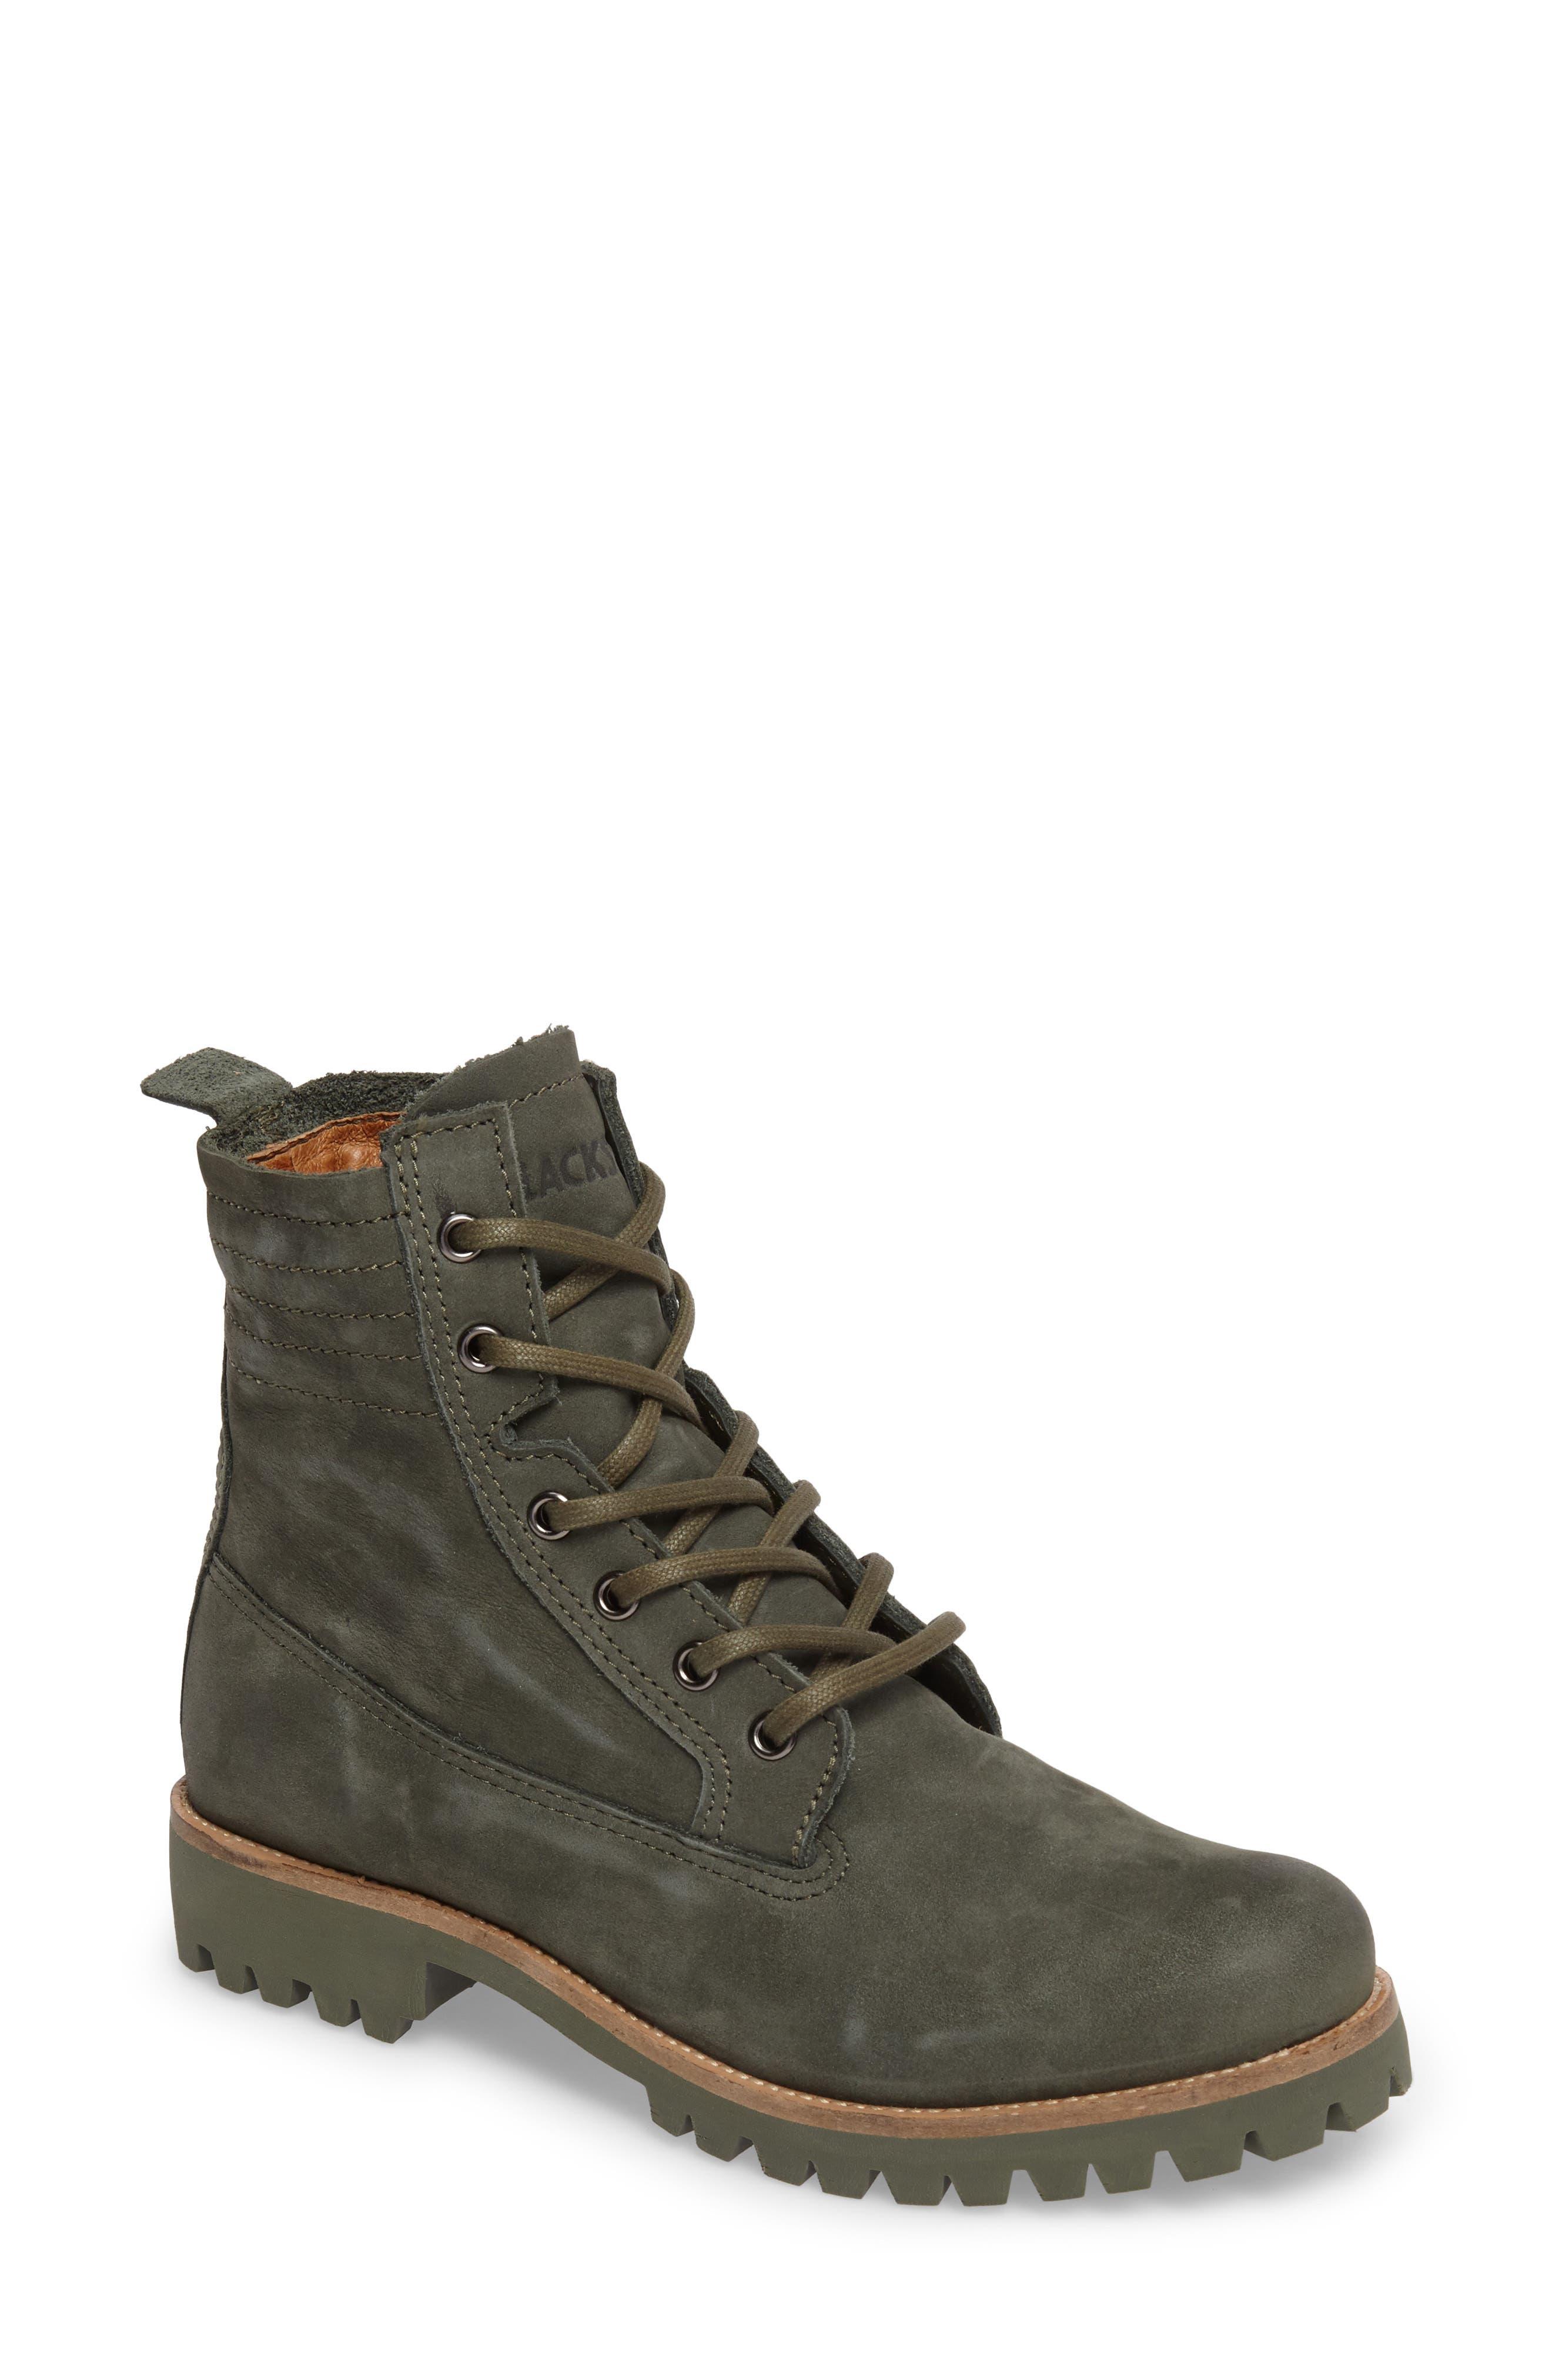 OL23 Lace-Up Boot,                             Main thumbnail 1, color,                             Dark Green Nubuck